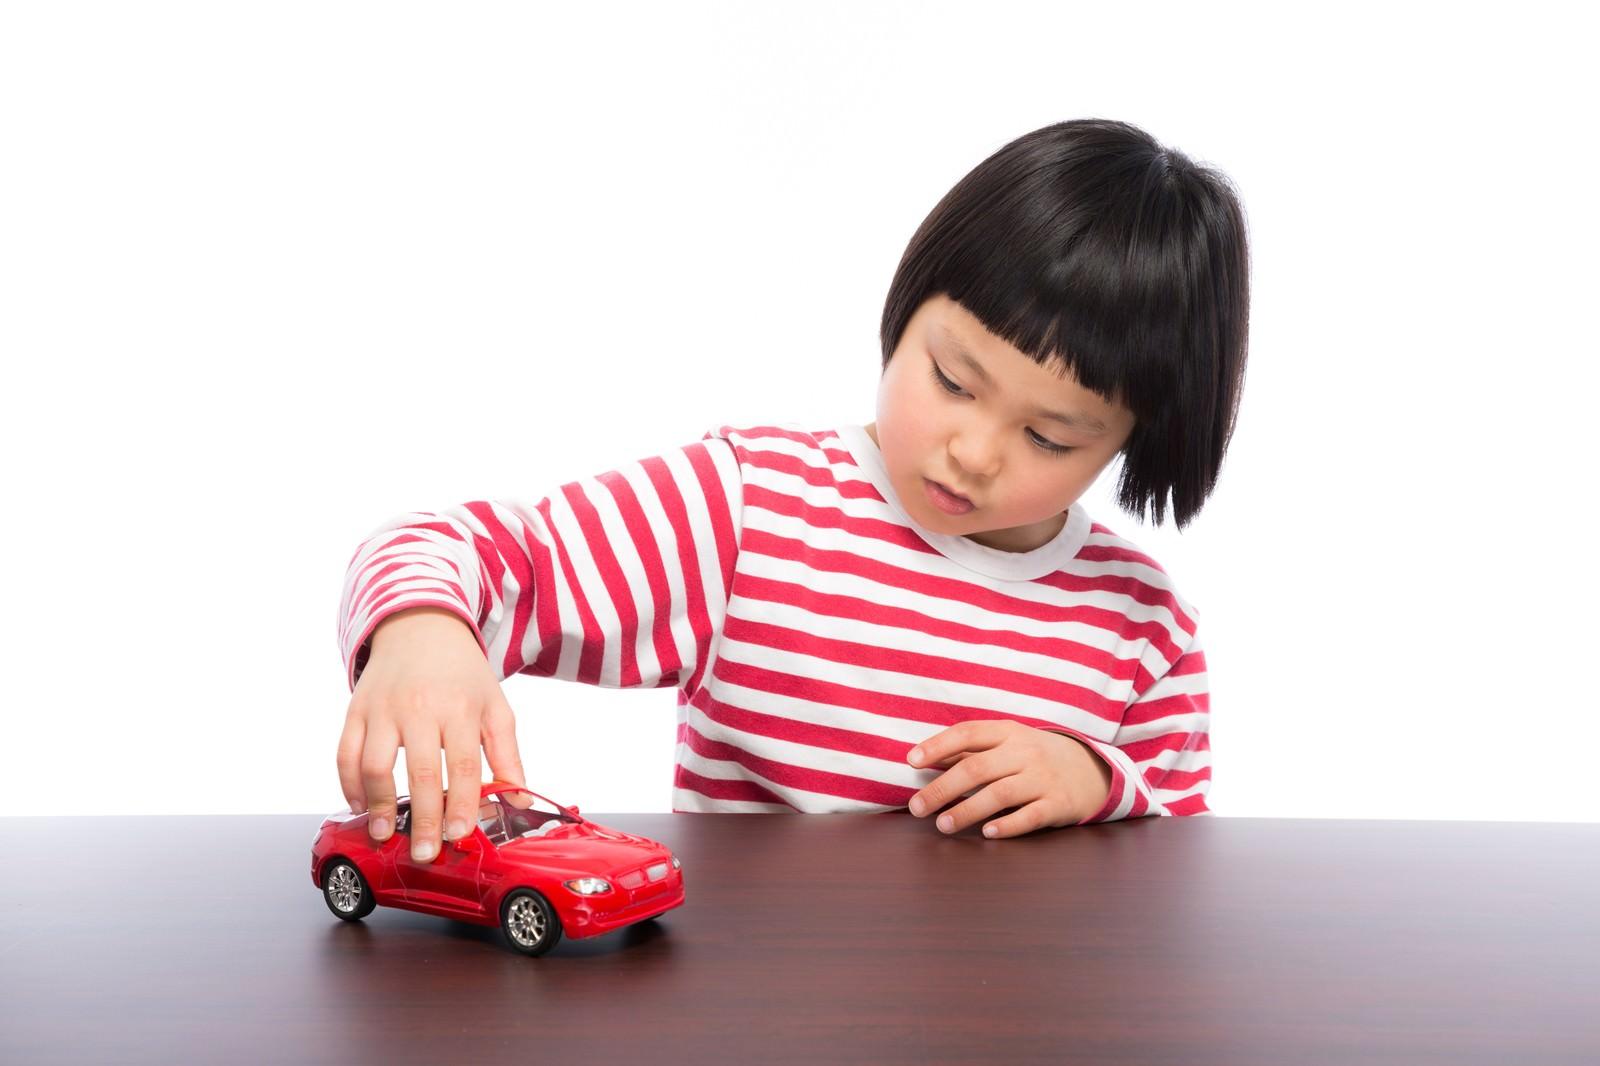 「買ってもらった車のおもちゃでブーン買ってもらった車のおもちゃでブーン」[モデル:ゆうき]のフリー写真素材を拡大